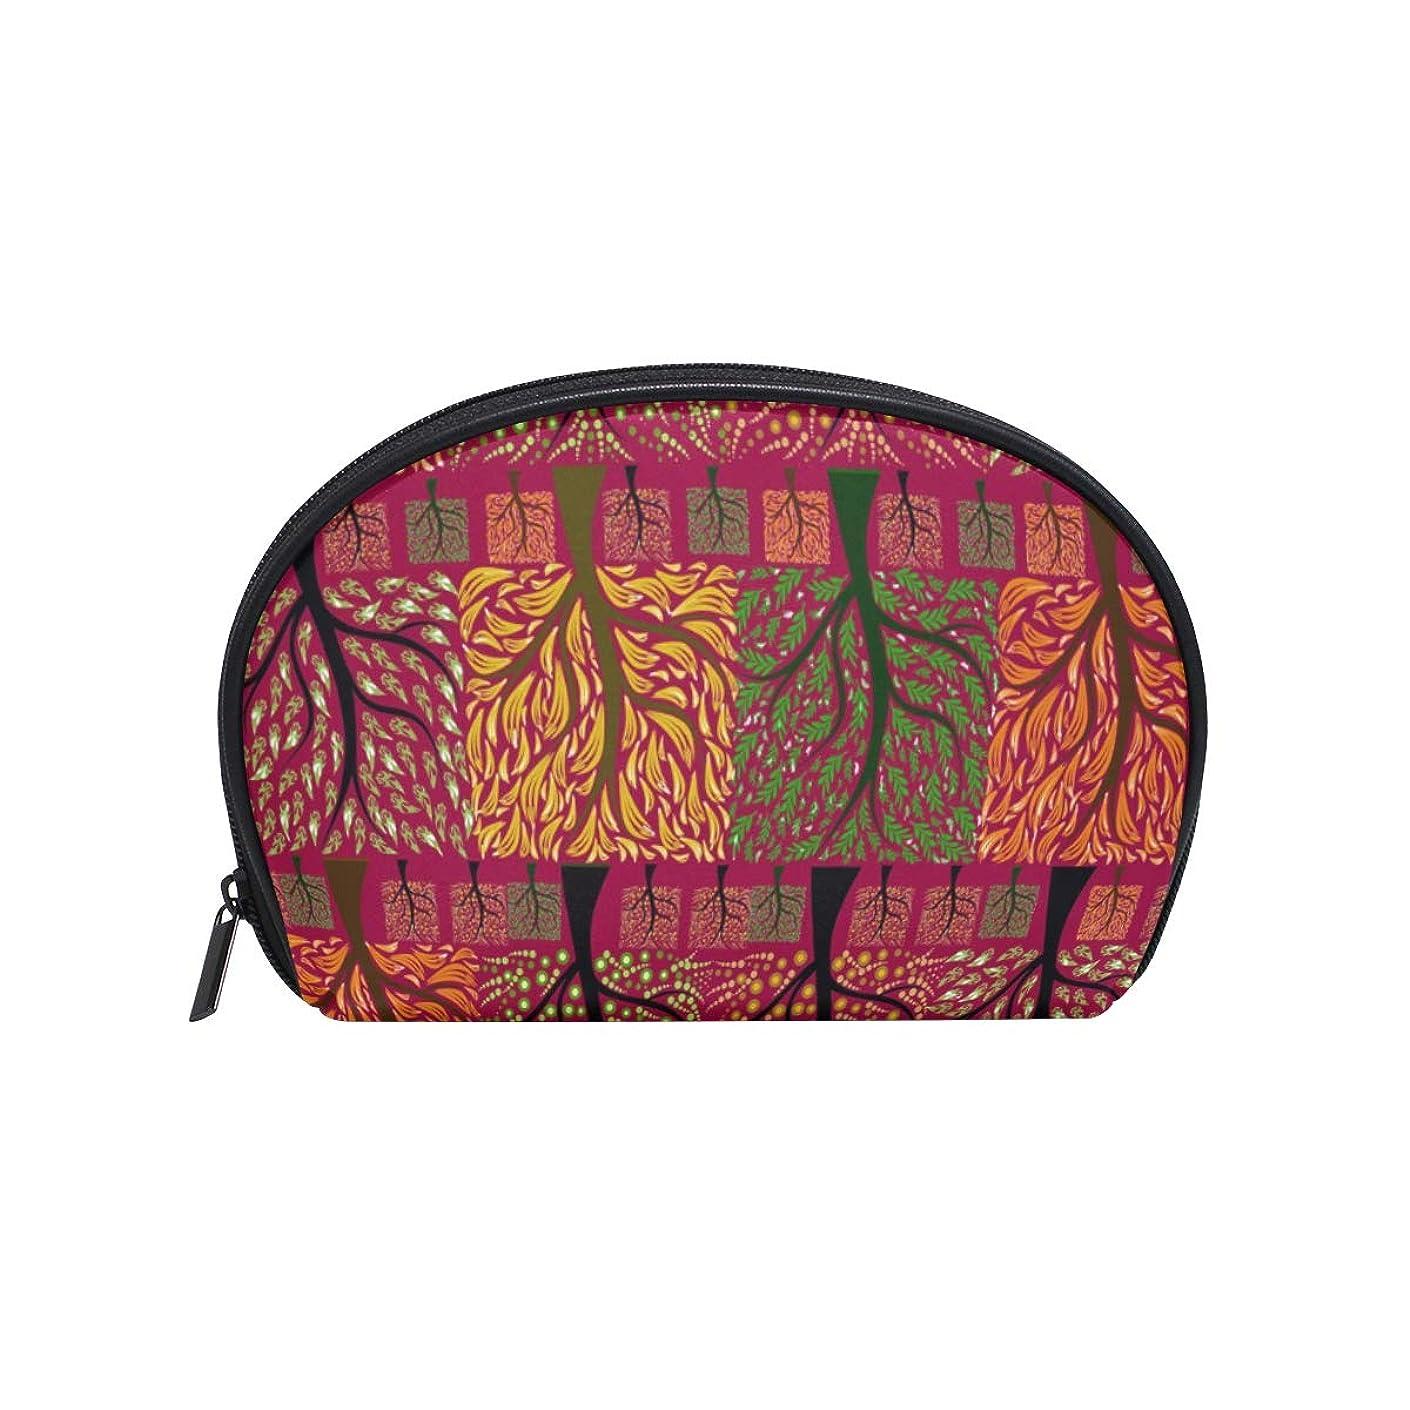 うそつき名声対称Four Seasons Tree 半月 化粧品 メイク トイレタリーバッグ ポーチ 旅行ハンディ財布オーガナイザーバッグ